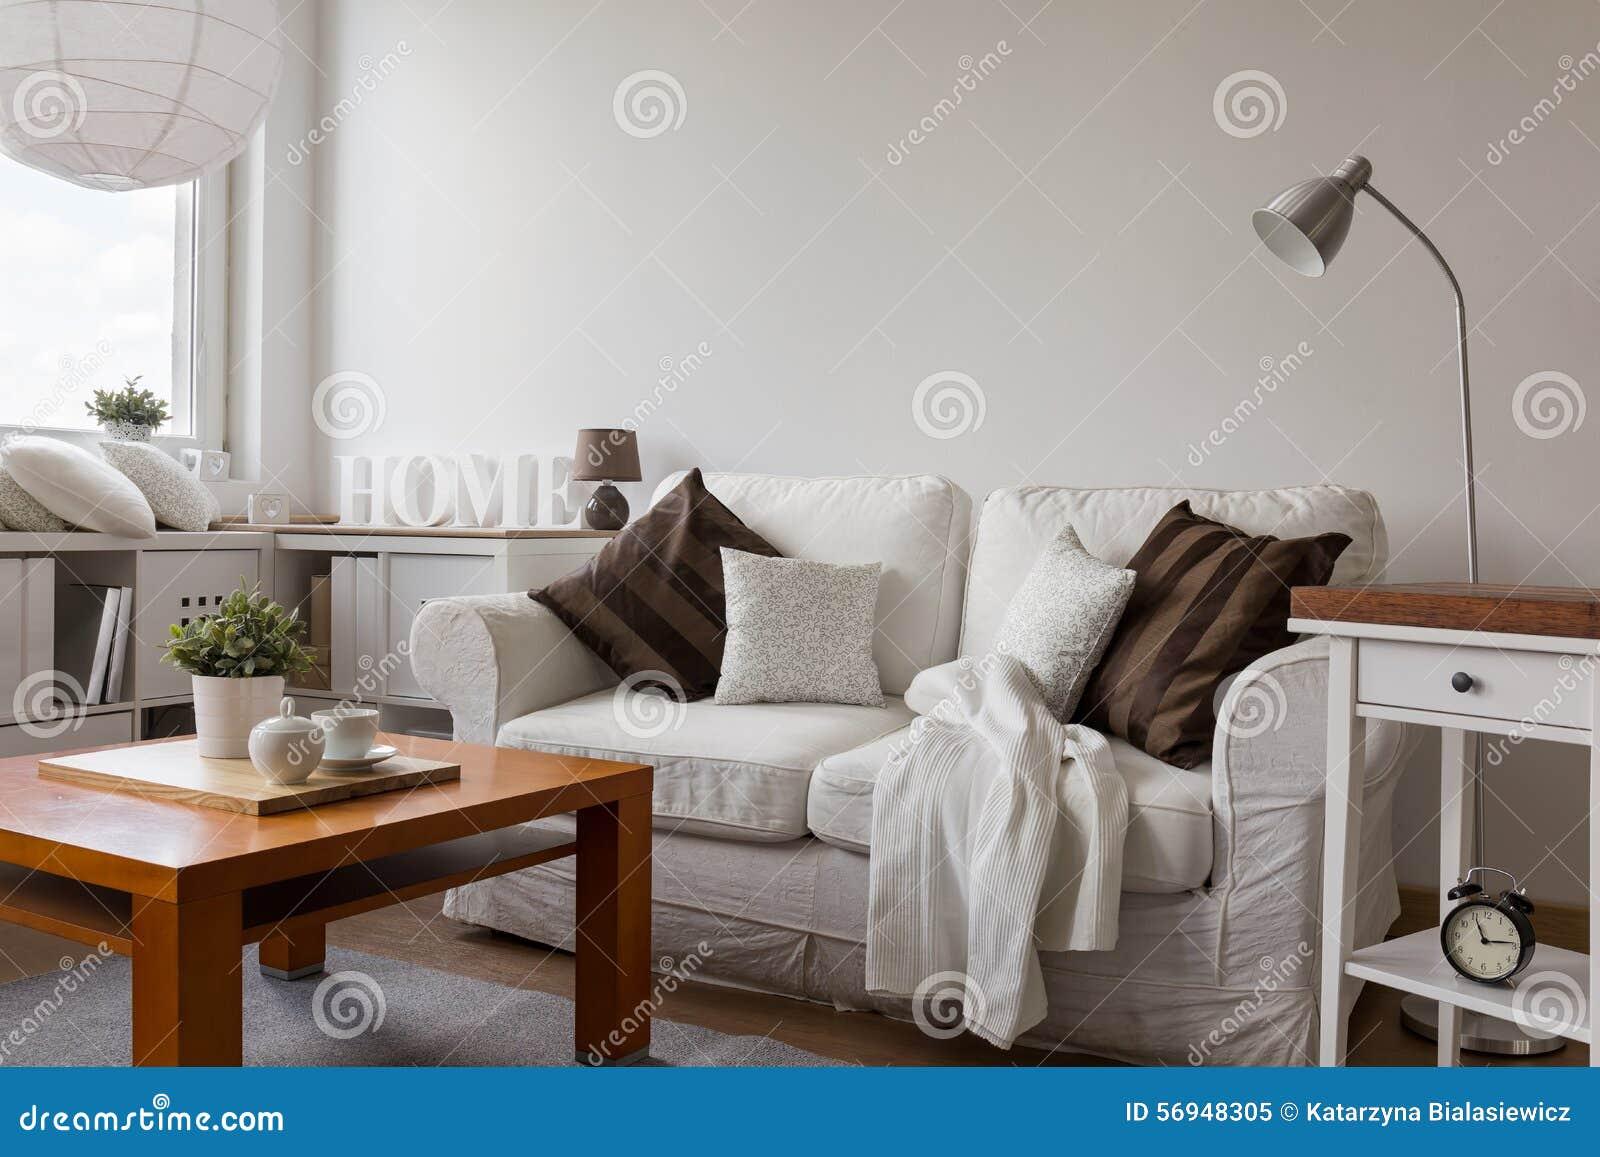 gemütliches wohnzimmer | jtleigh.com - hausgestaltung ideen - Kleine Gemutliche Wohnzimmer